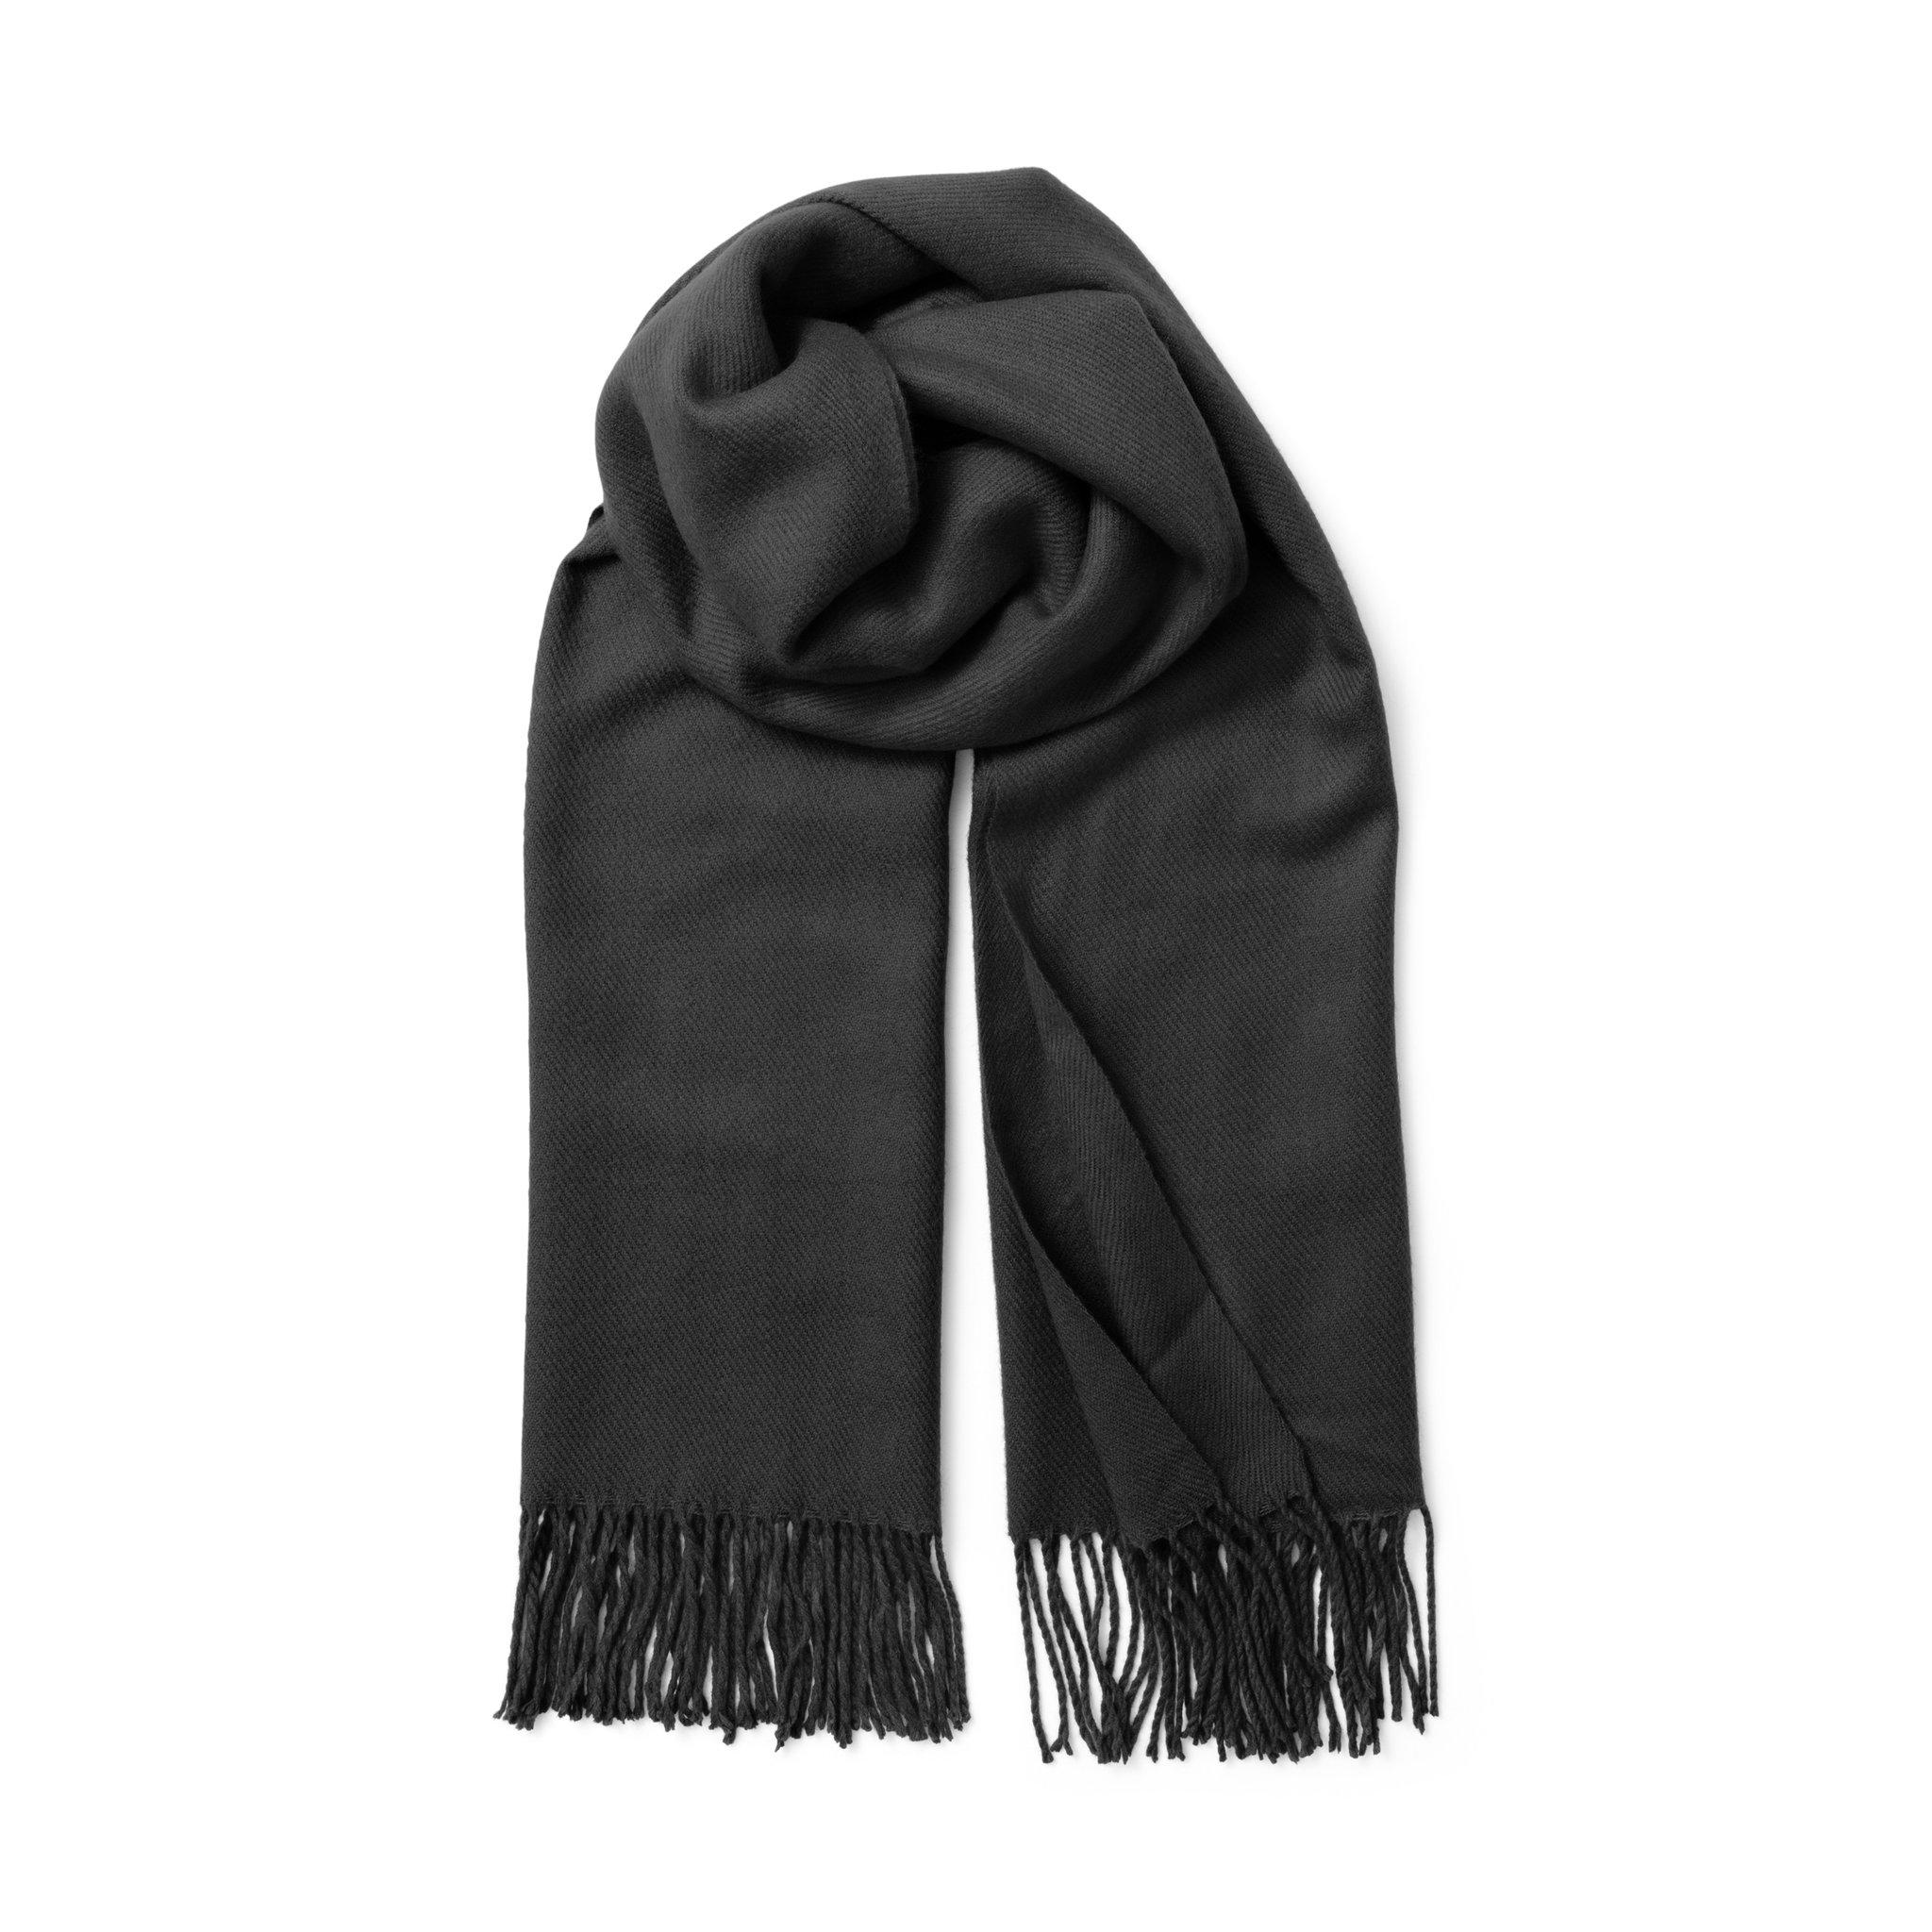 Halsduk - Halsdukar   scarves - Köp online på åhlens.se! 952ec2925ae58